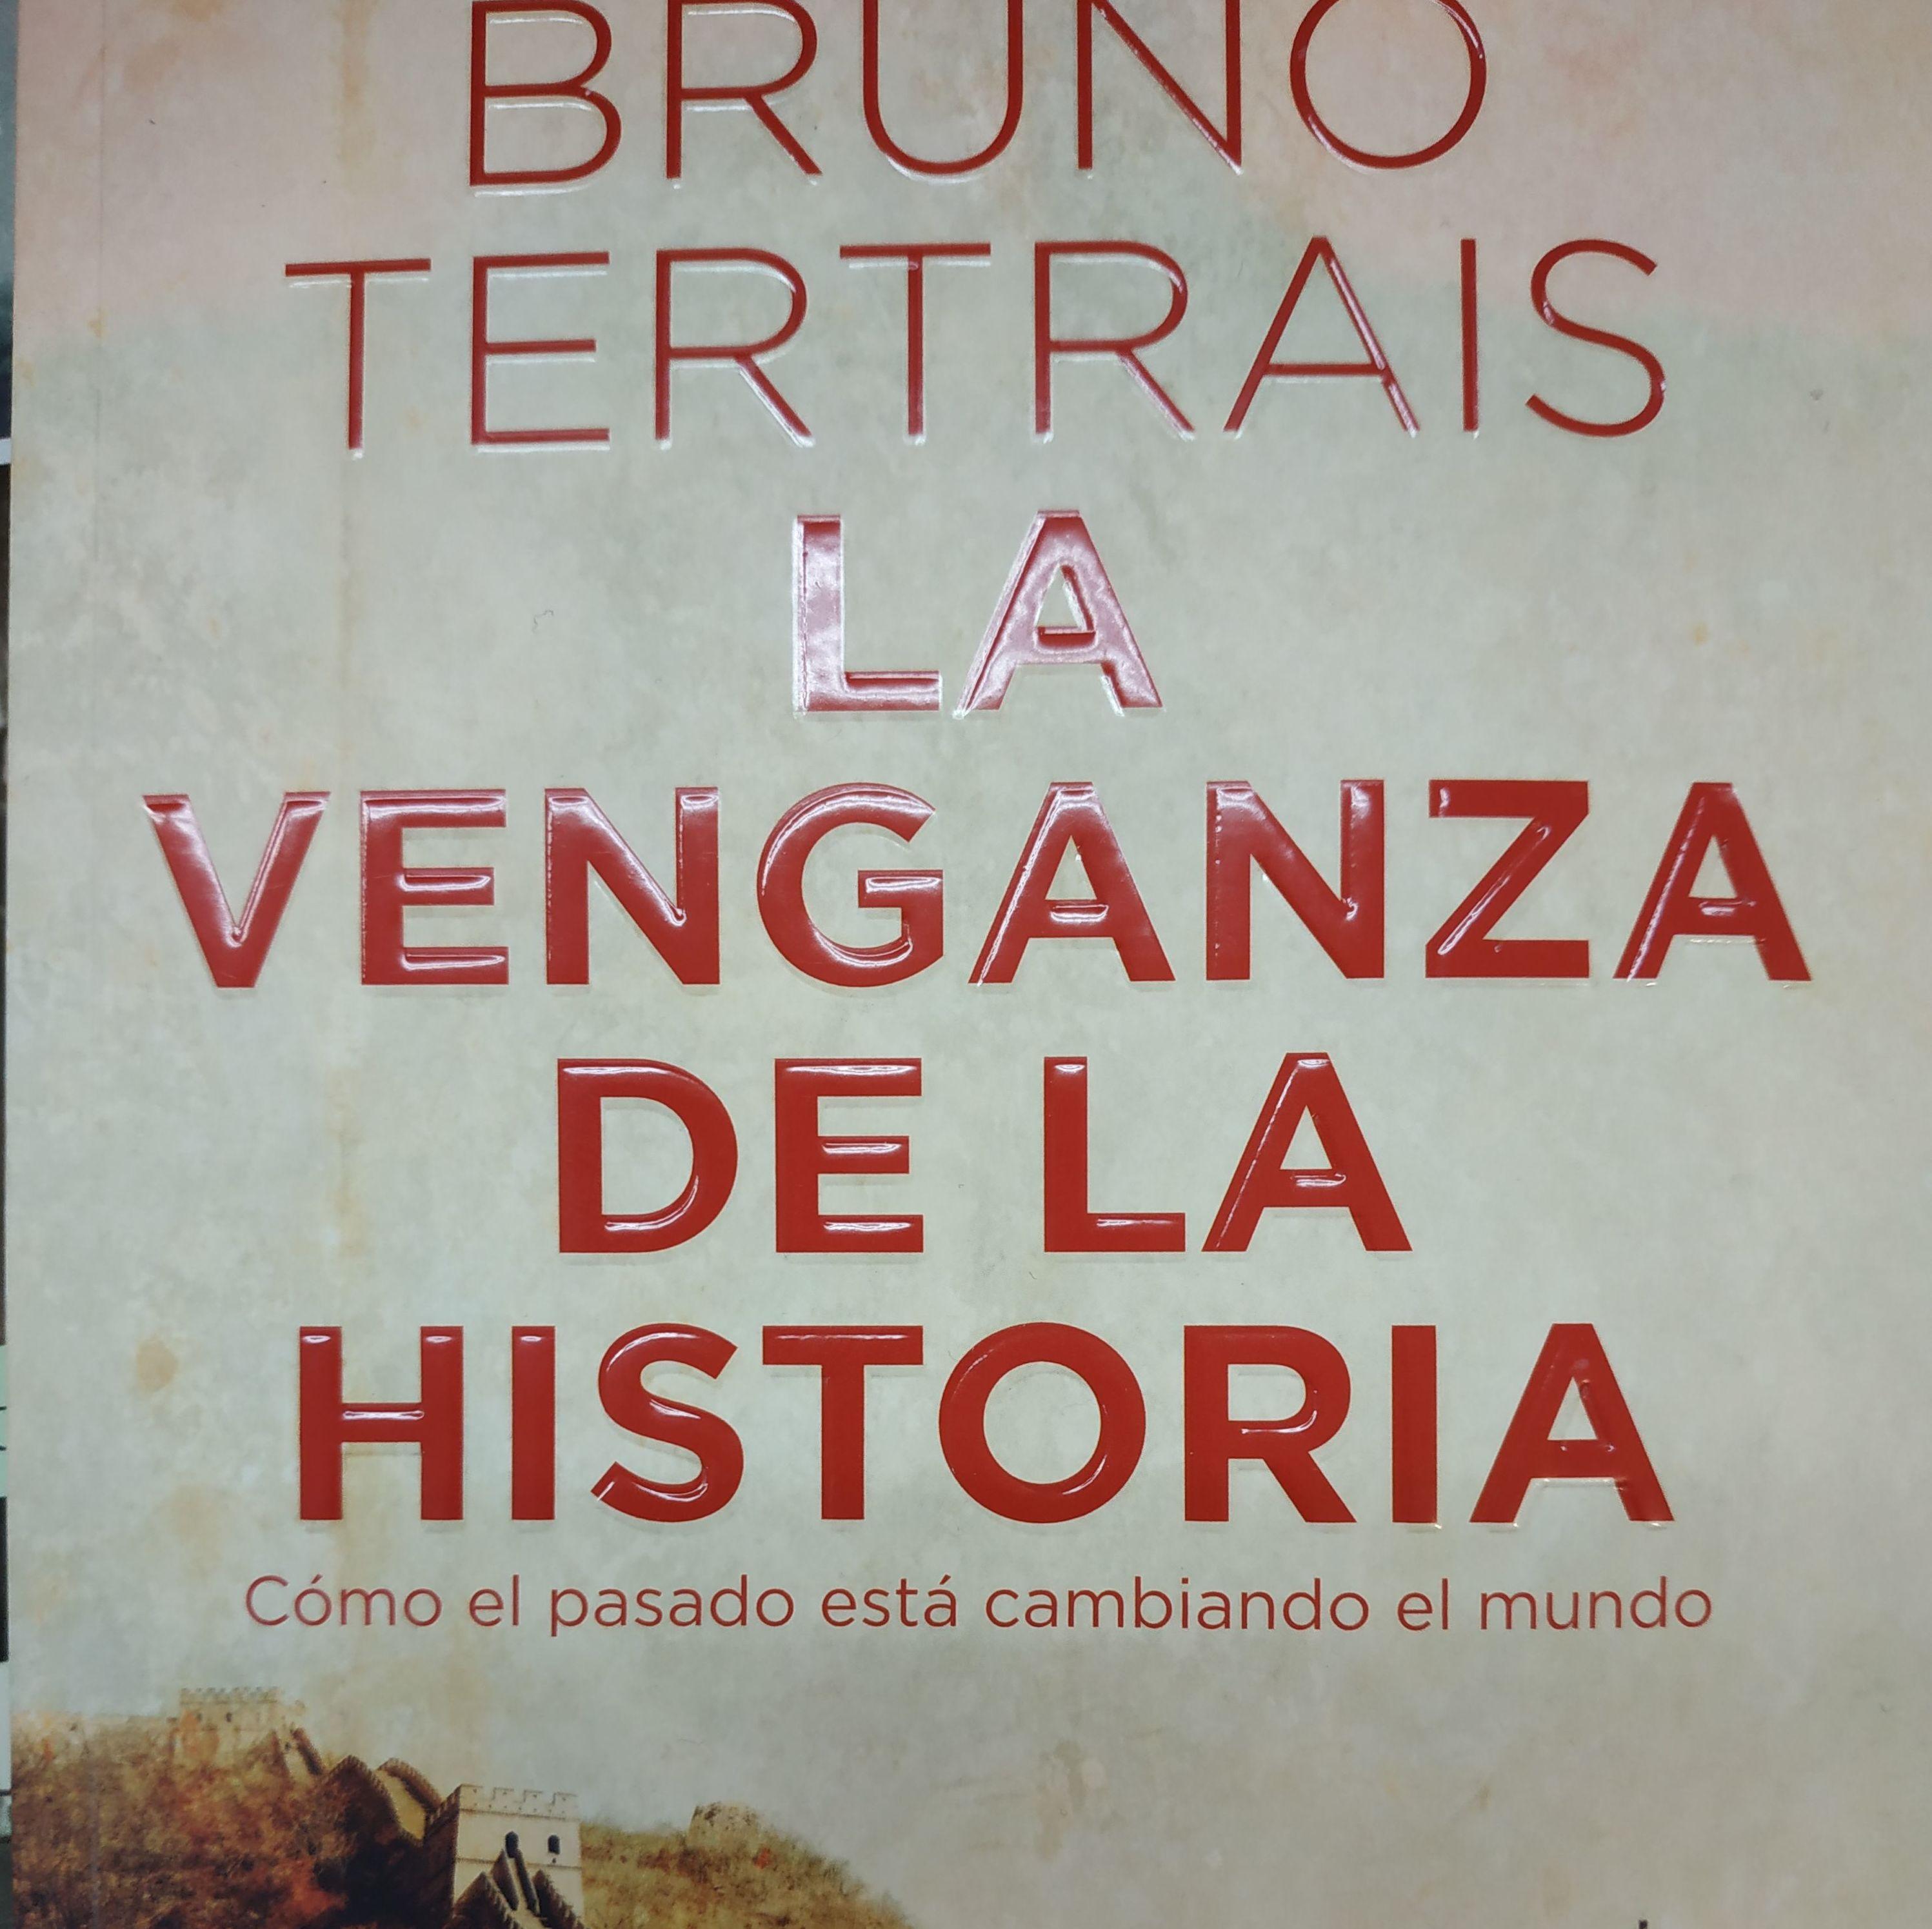 LA VENGANZA DE LA HISTORIA: COMO EL PASADO ESTA CAMBIANDO EL PRESENTE: SECCIONES de Librería Nueva Plaza Universitaria